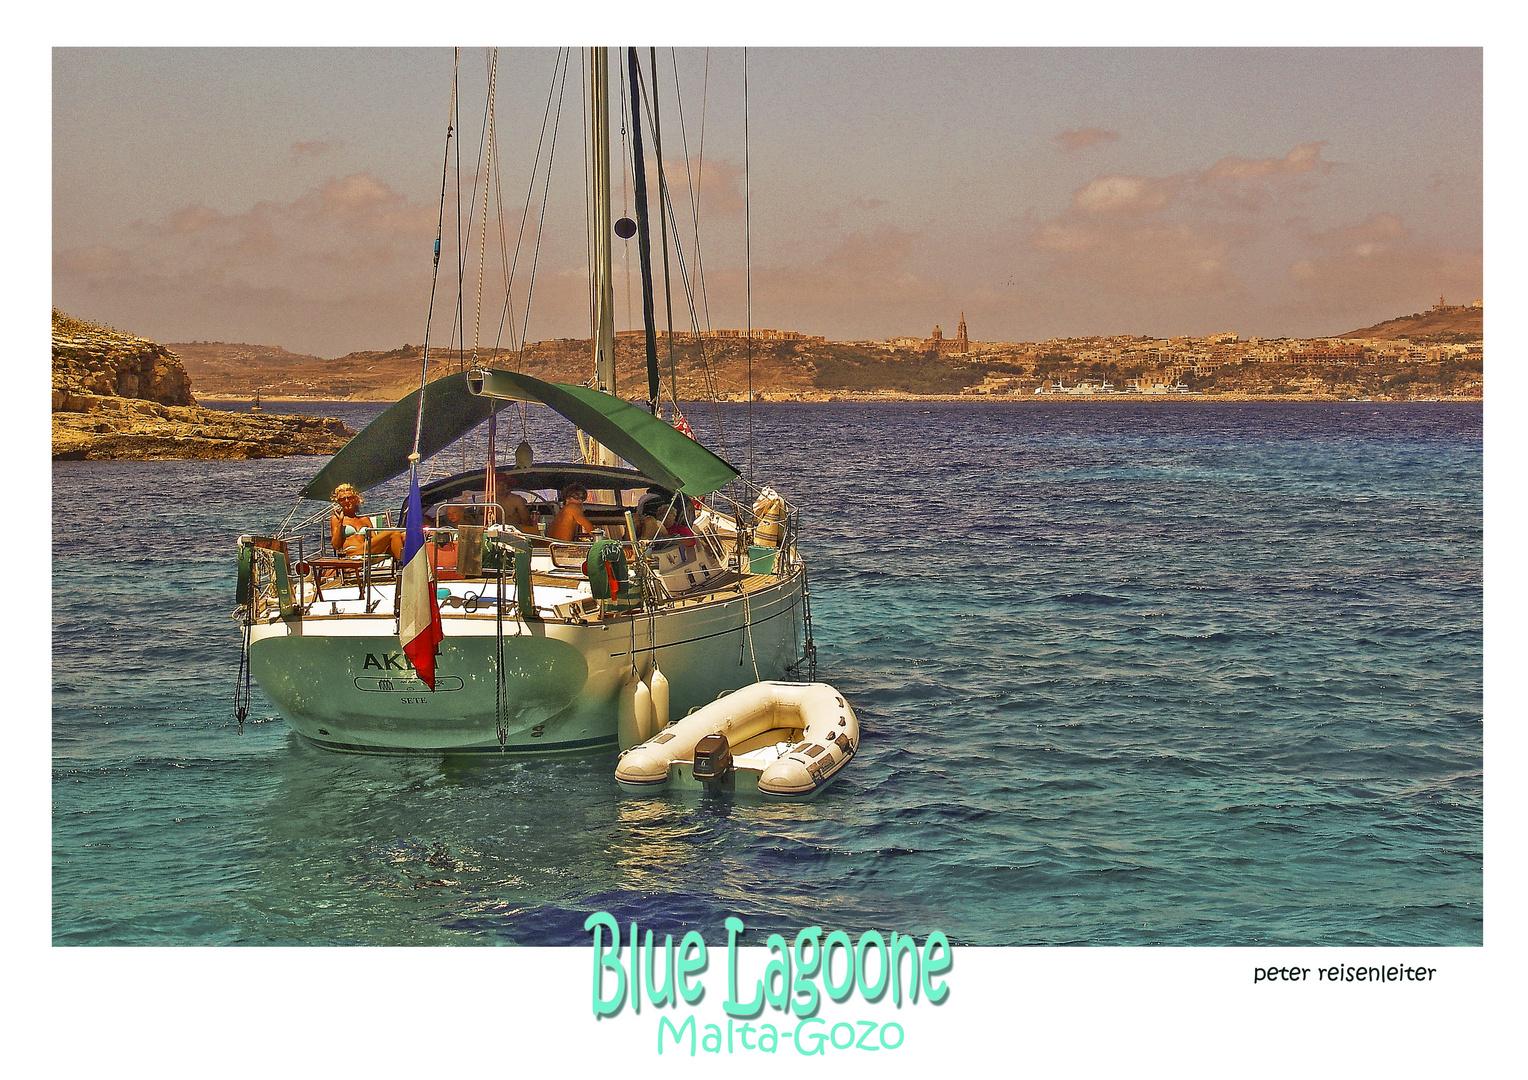 Blue Lagoone Malta - Gozo